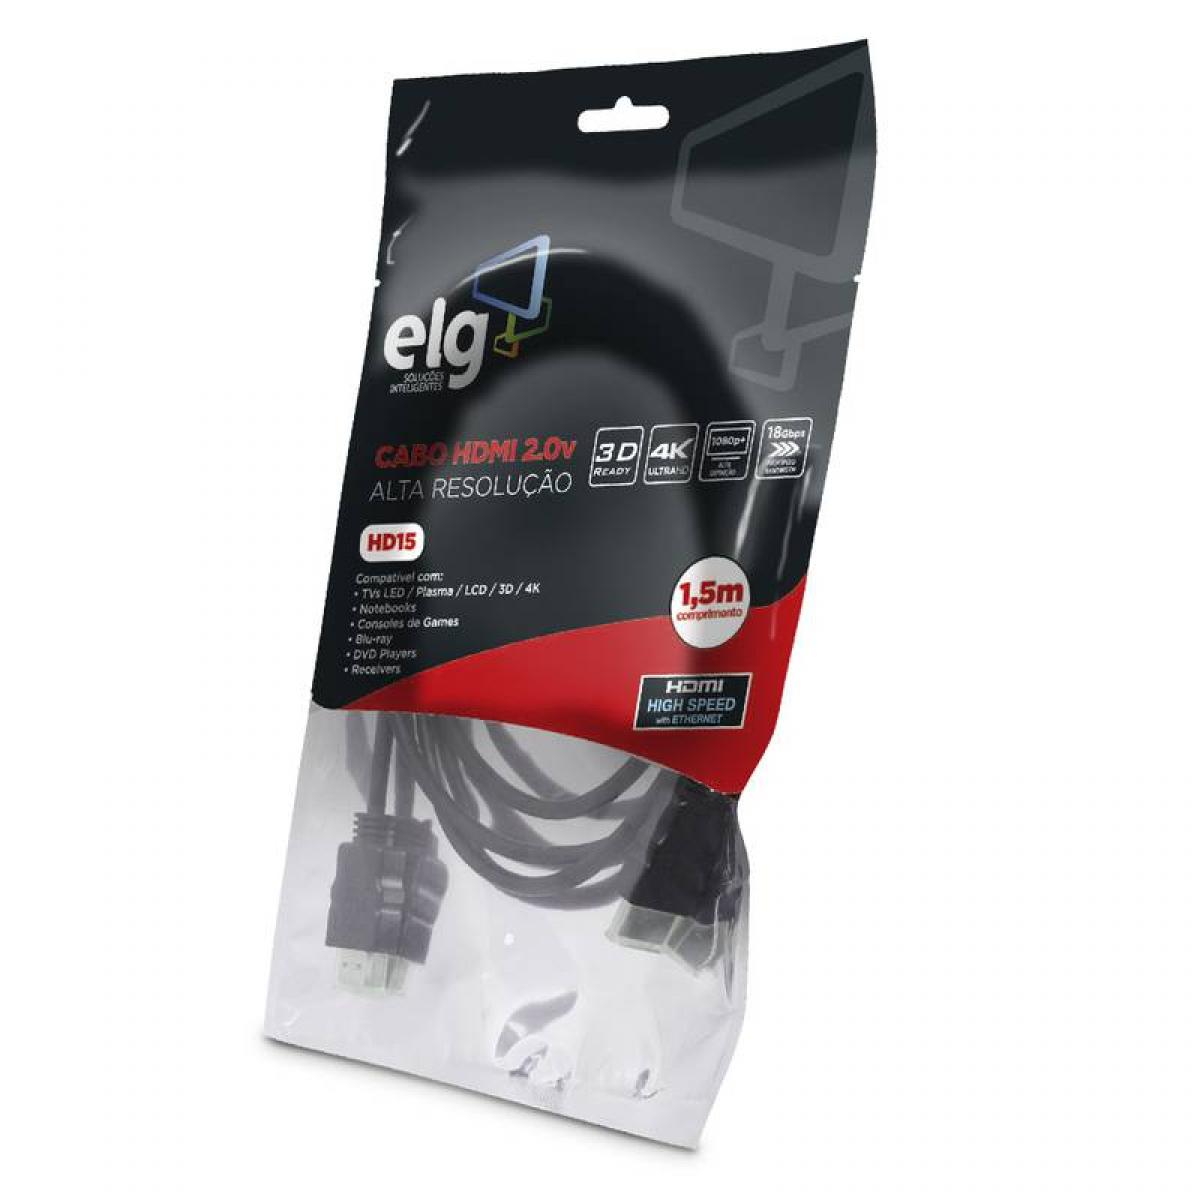 Cabo HDMI ELG 2.0, 4K ULTRA HD 3D, 1,5 Metros, HD15